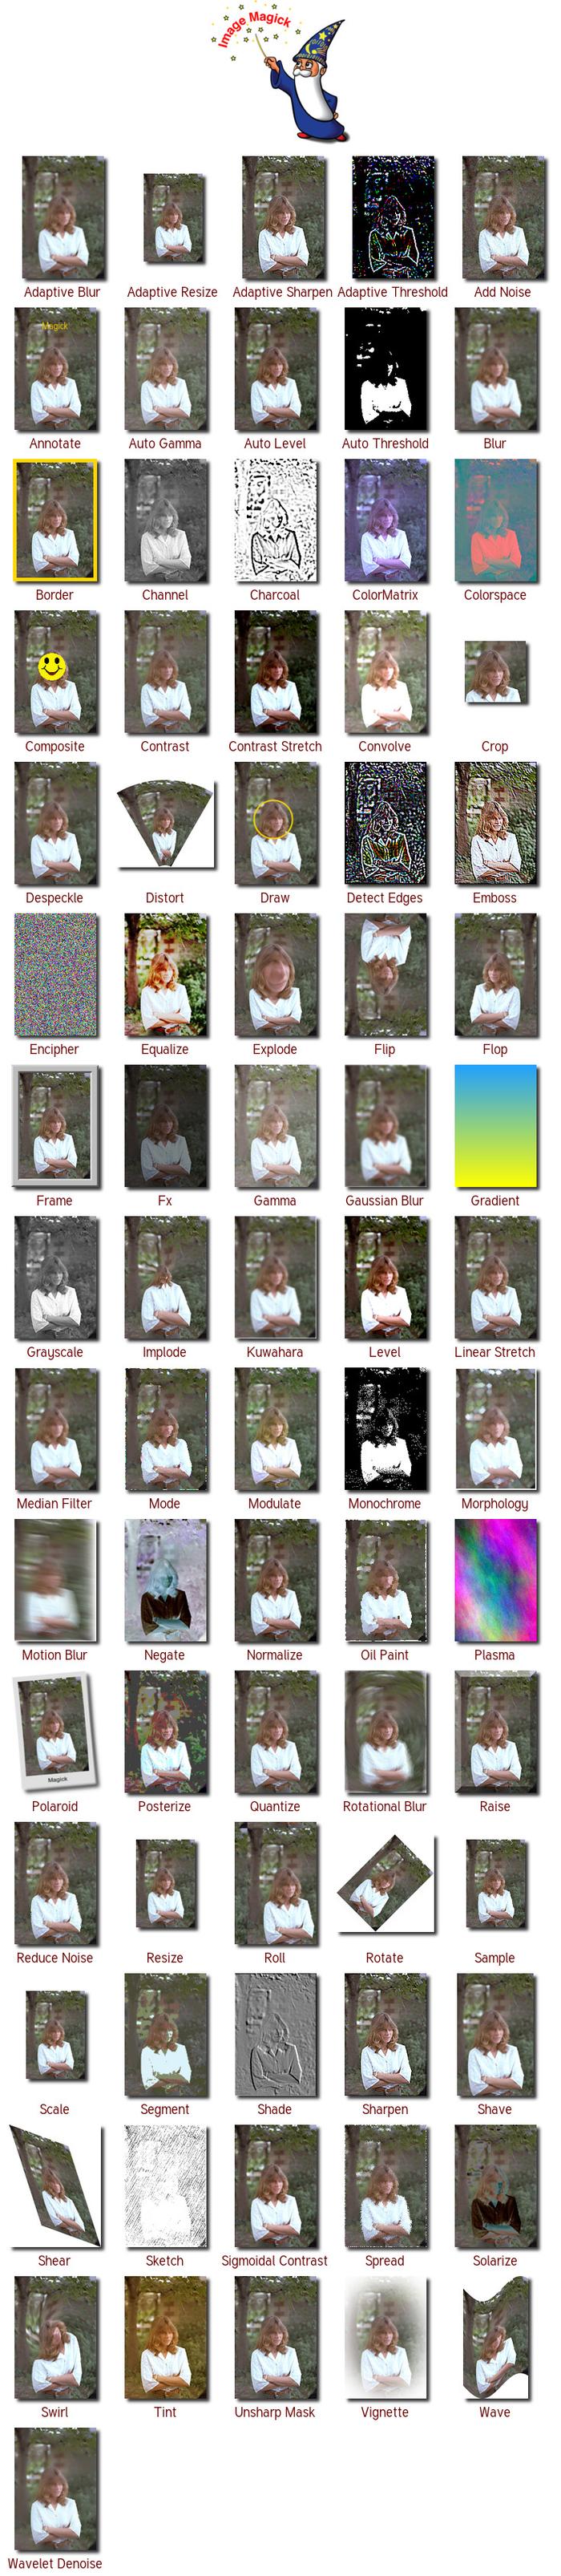 آشنایی با ImageMagick برای کار با تصاویر